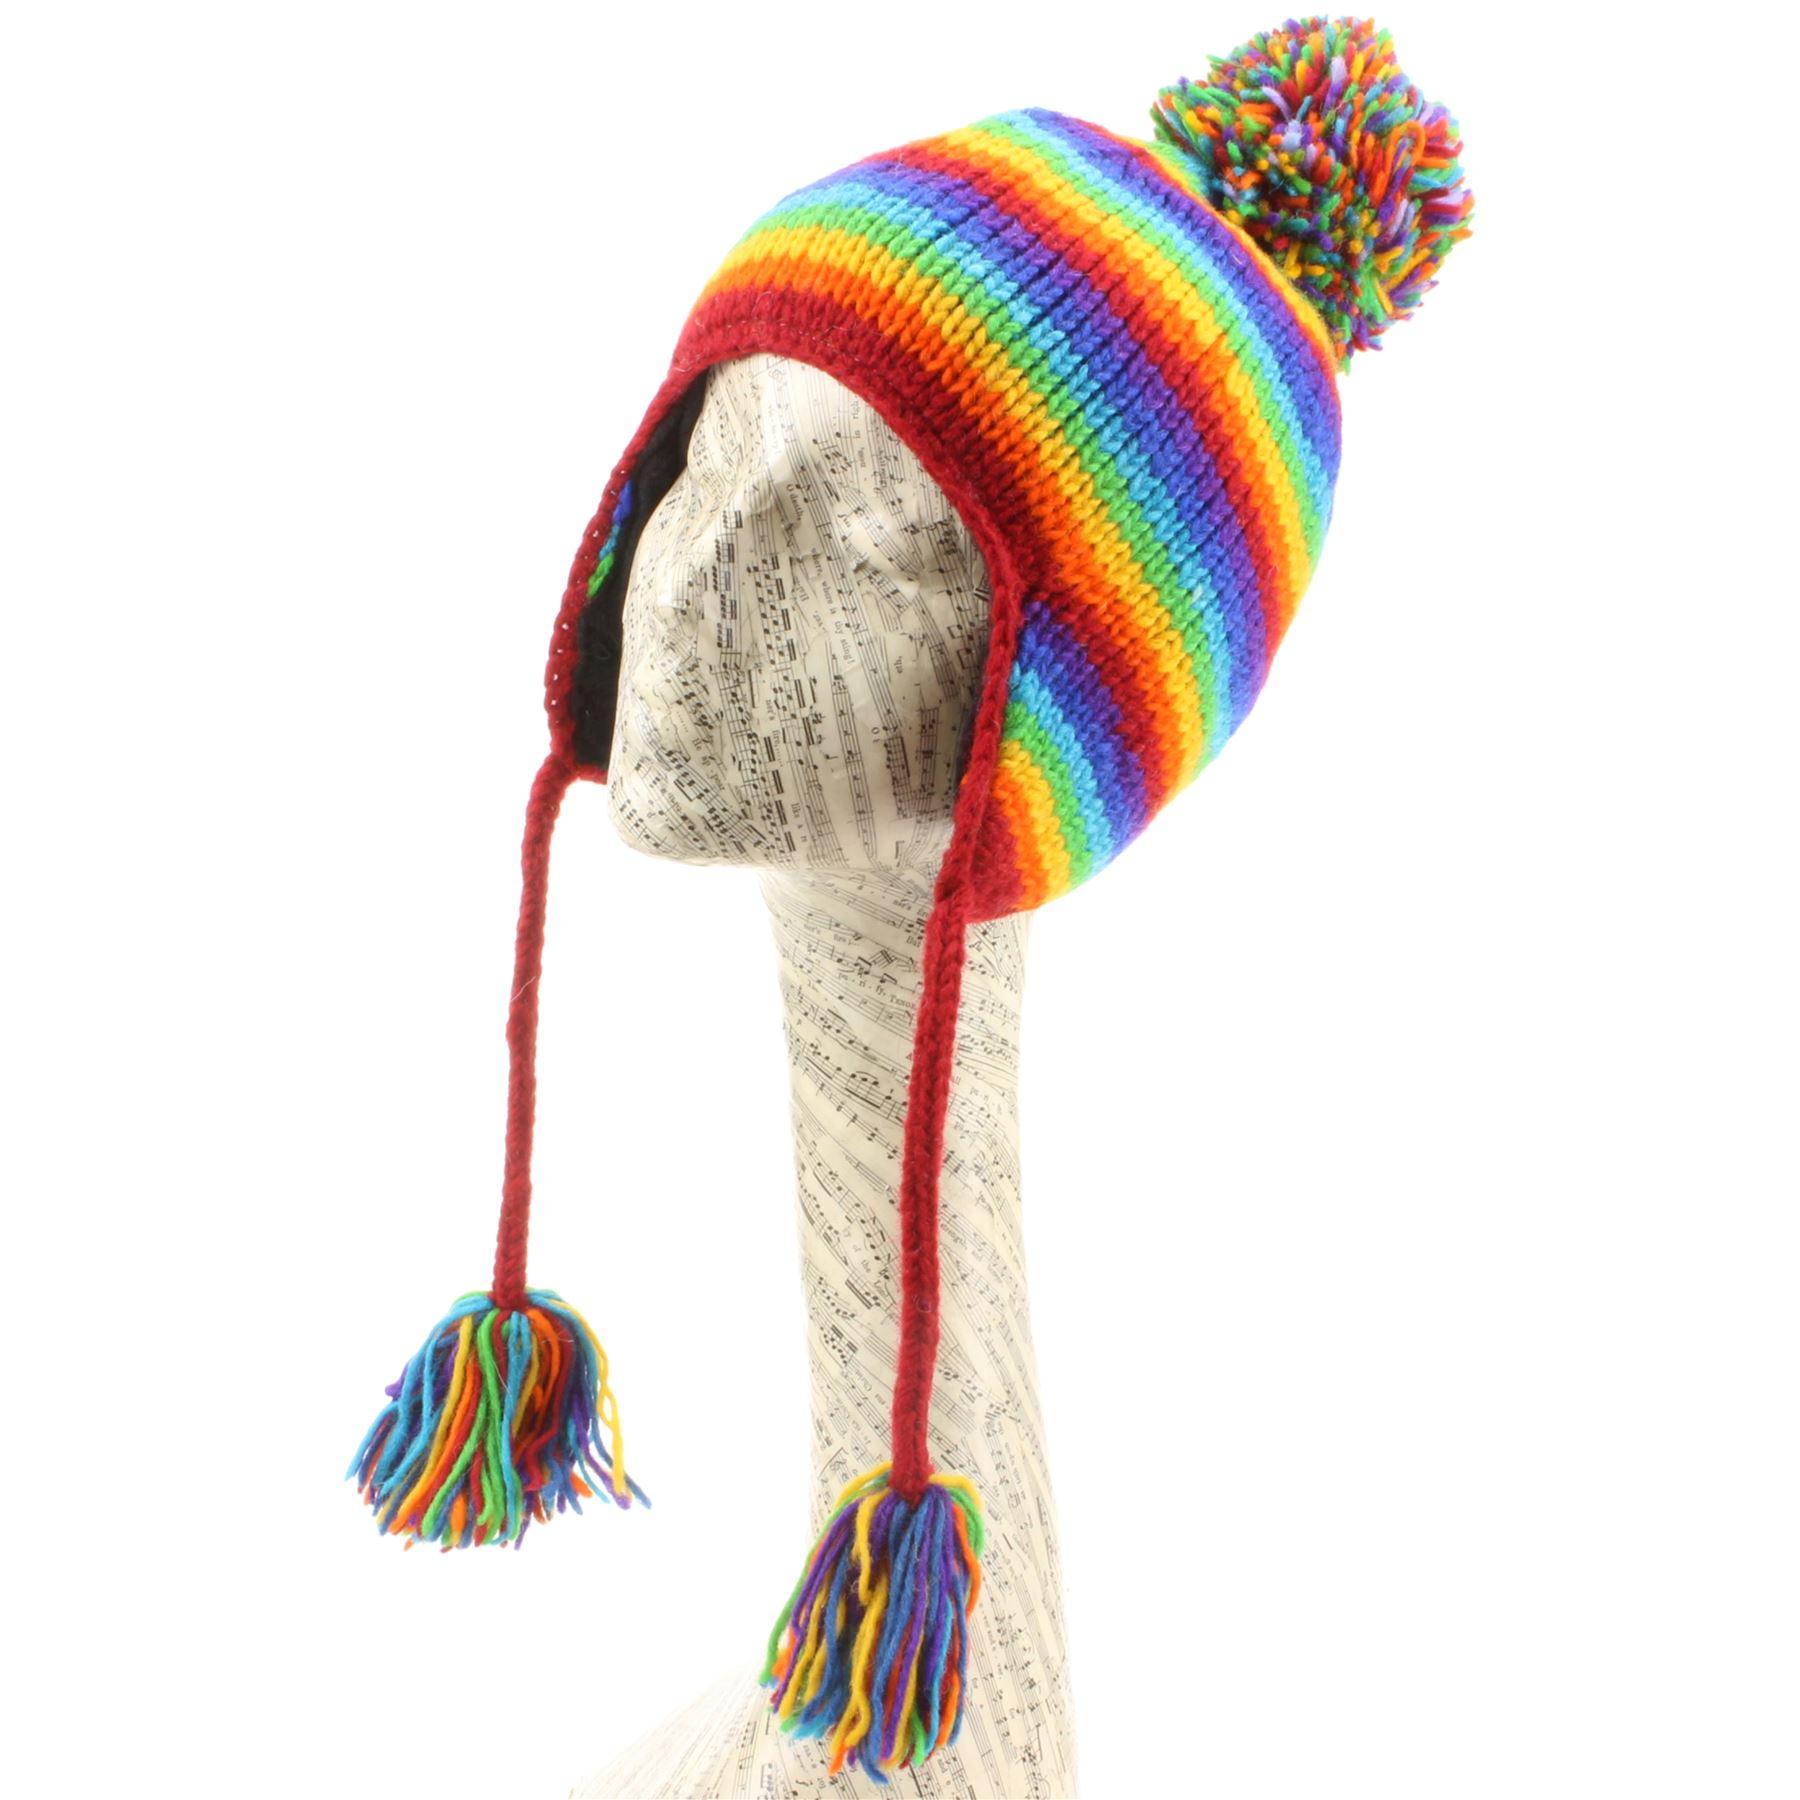 c8e9bbecd958 Details about Wool Earflap Hat Knit LOUDelephant Fleece Lined Winter Bobble  Beanie Ski STRIPE